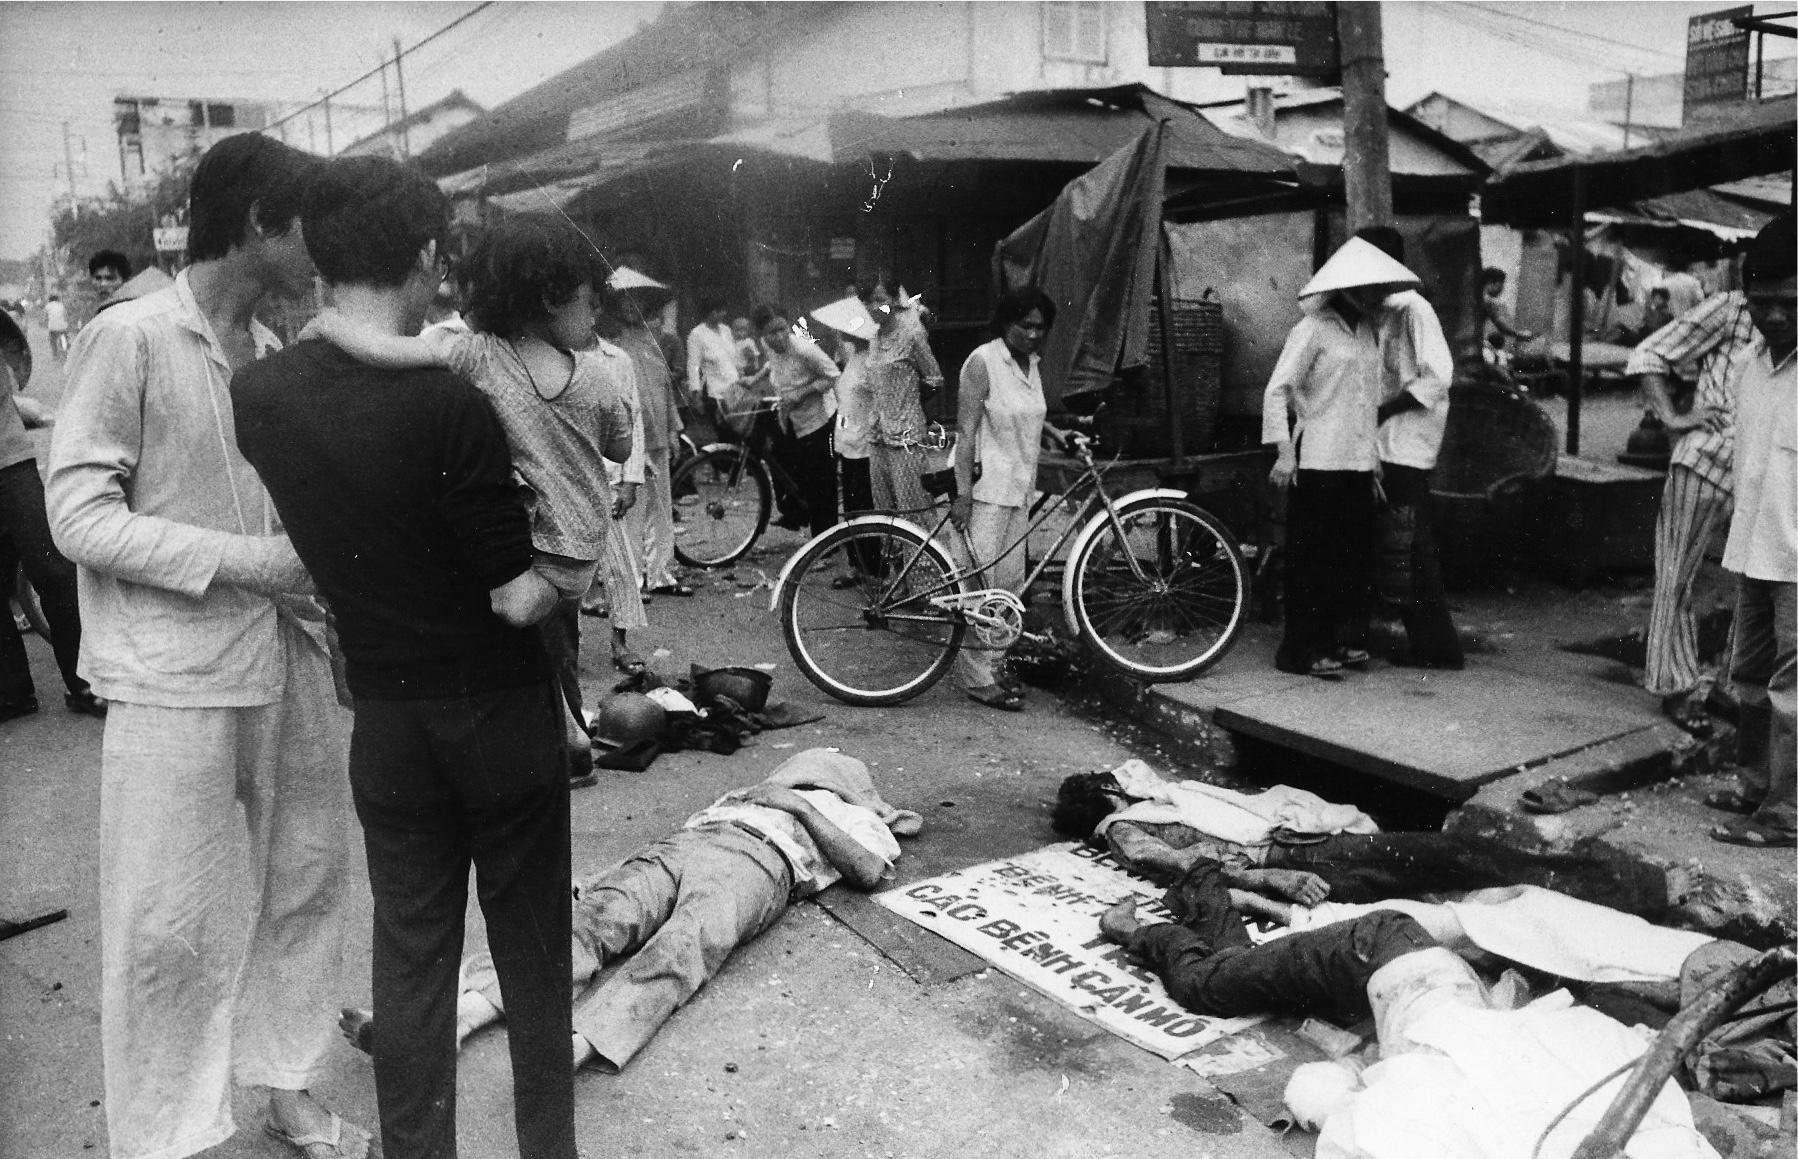 Des civils sont massacrés